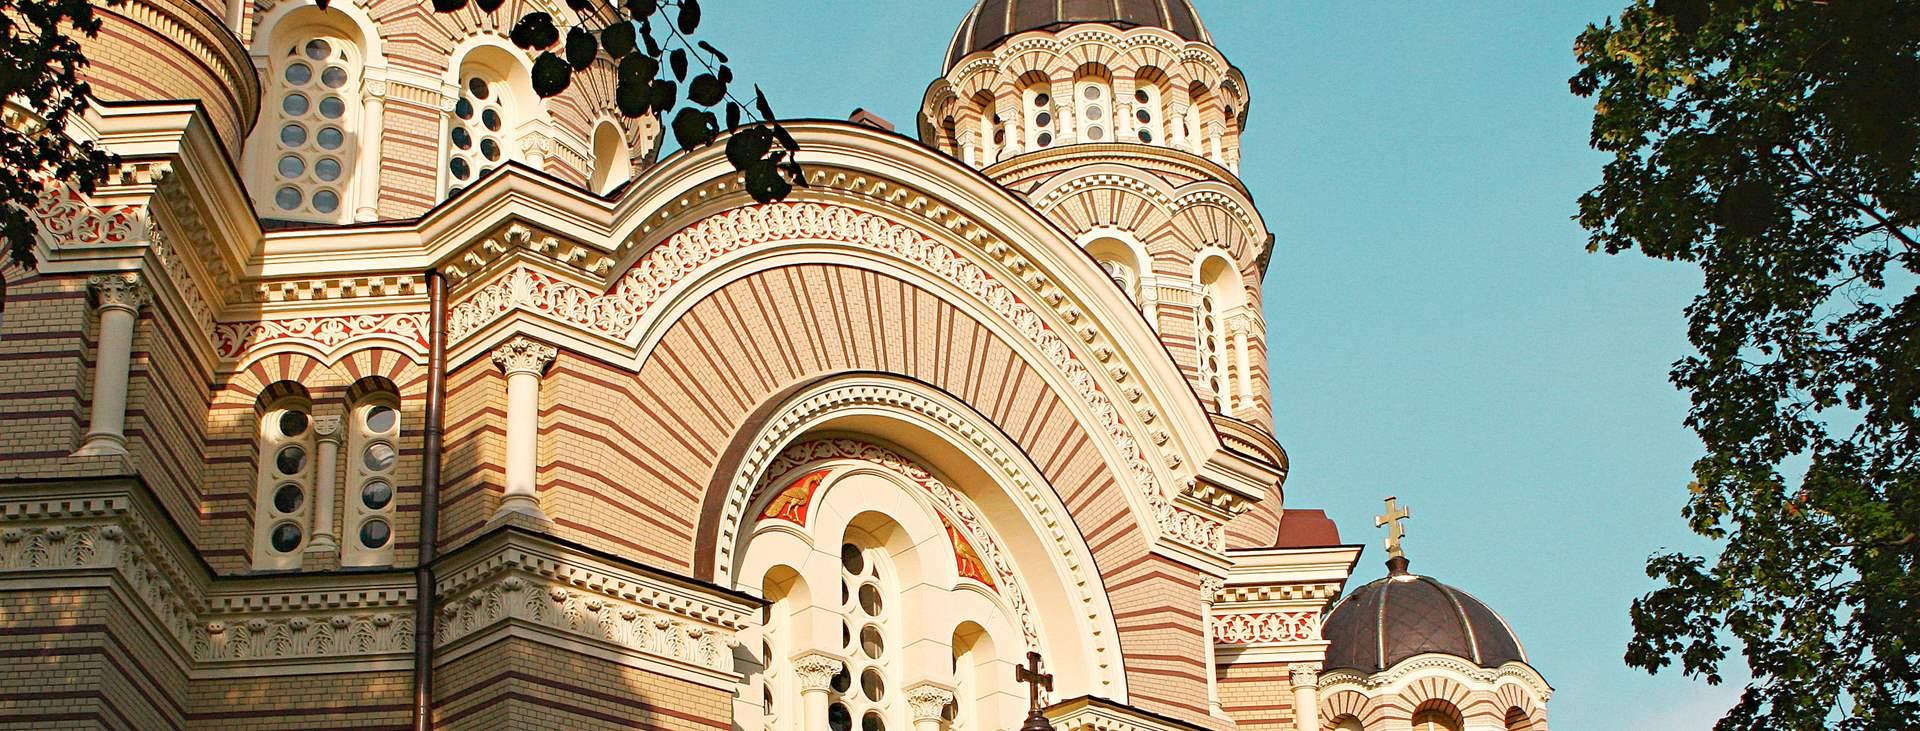 Bestill en reise til Riga i Latvia med Ving